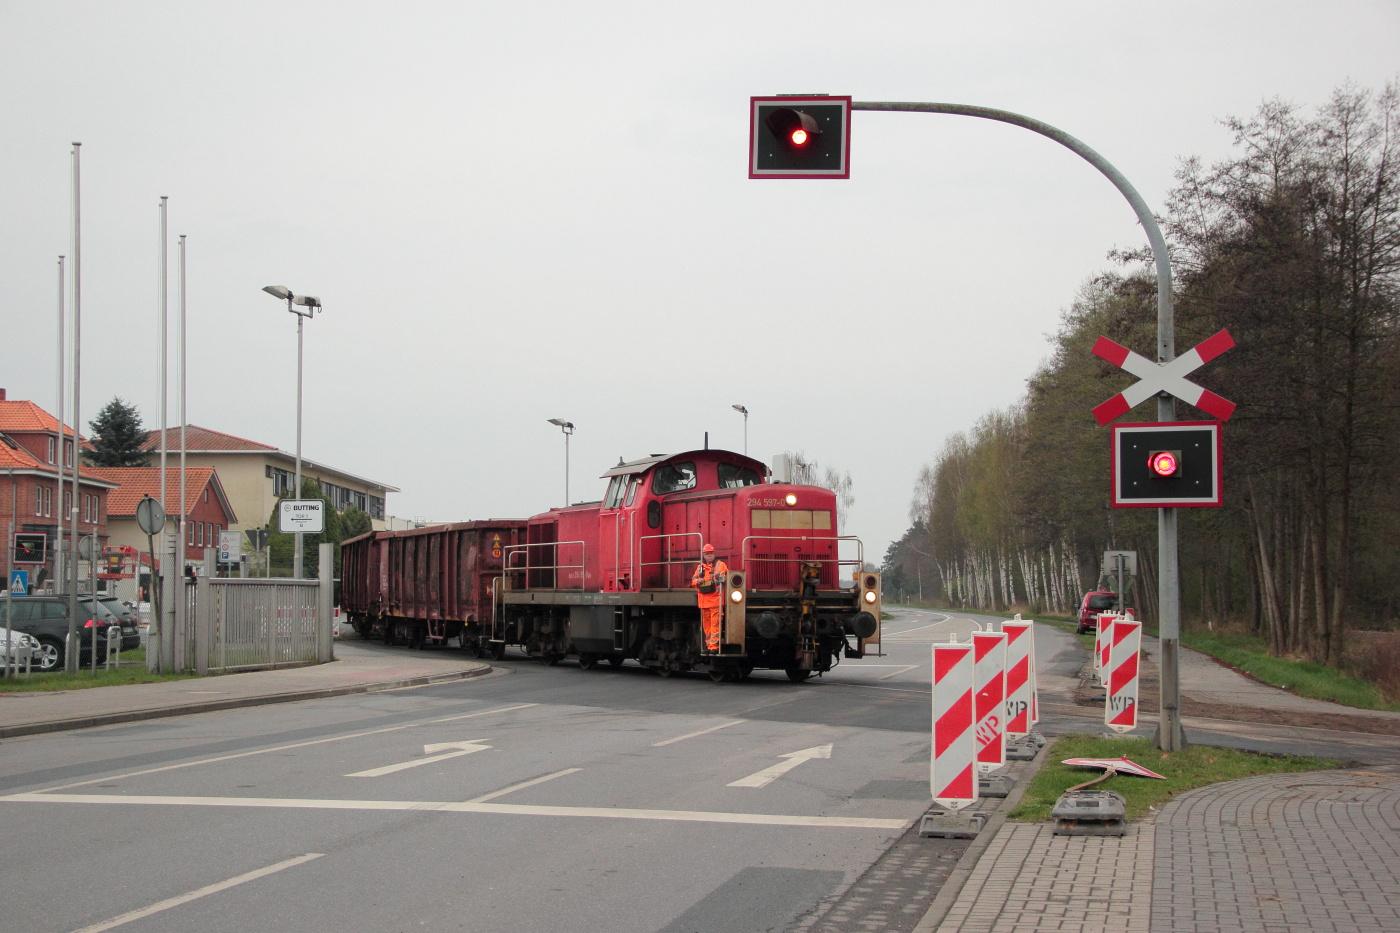 http://www.nachtbahner.de/Fotos/2014-04-05%20M%c3%bchlenbahn/k-IMG_2507%20KBS%20115%20M%c3%bchlenbahn%2005.04.14%20(1).JPG